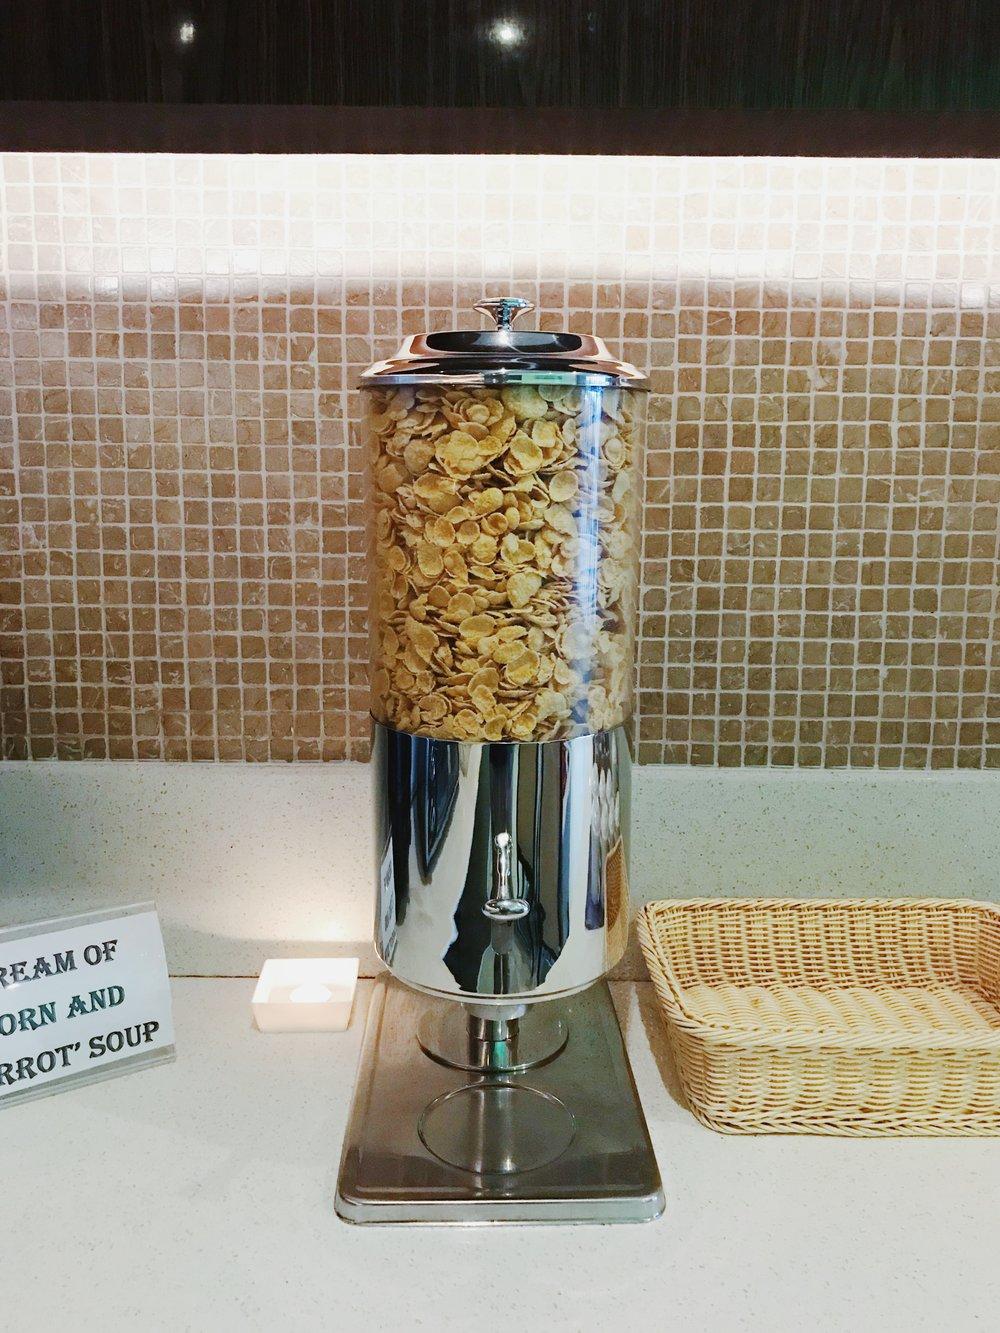 Cereals, too